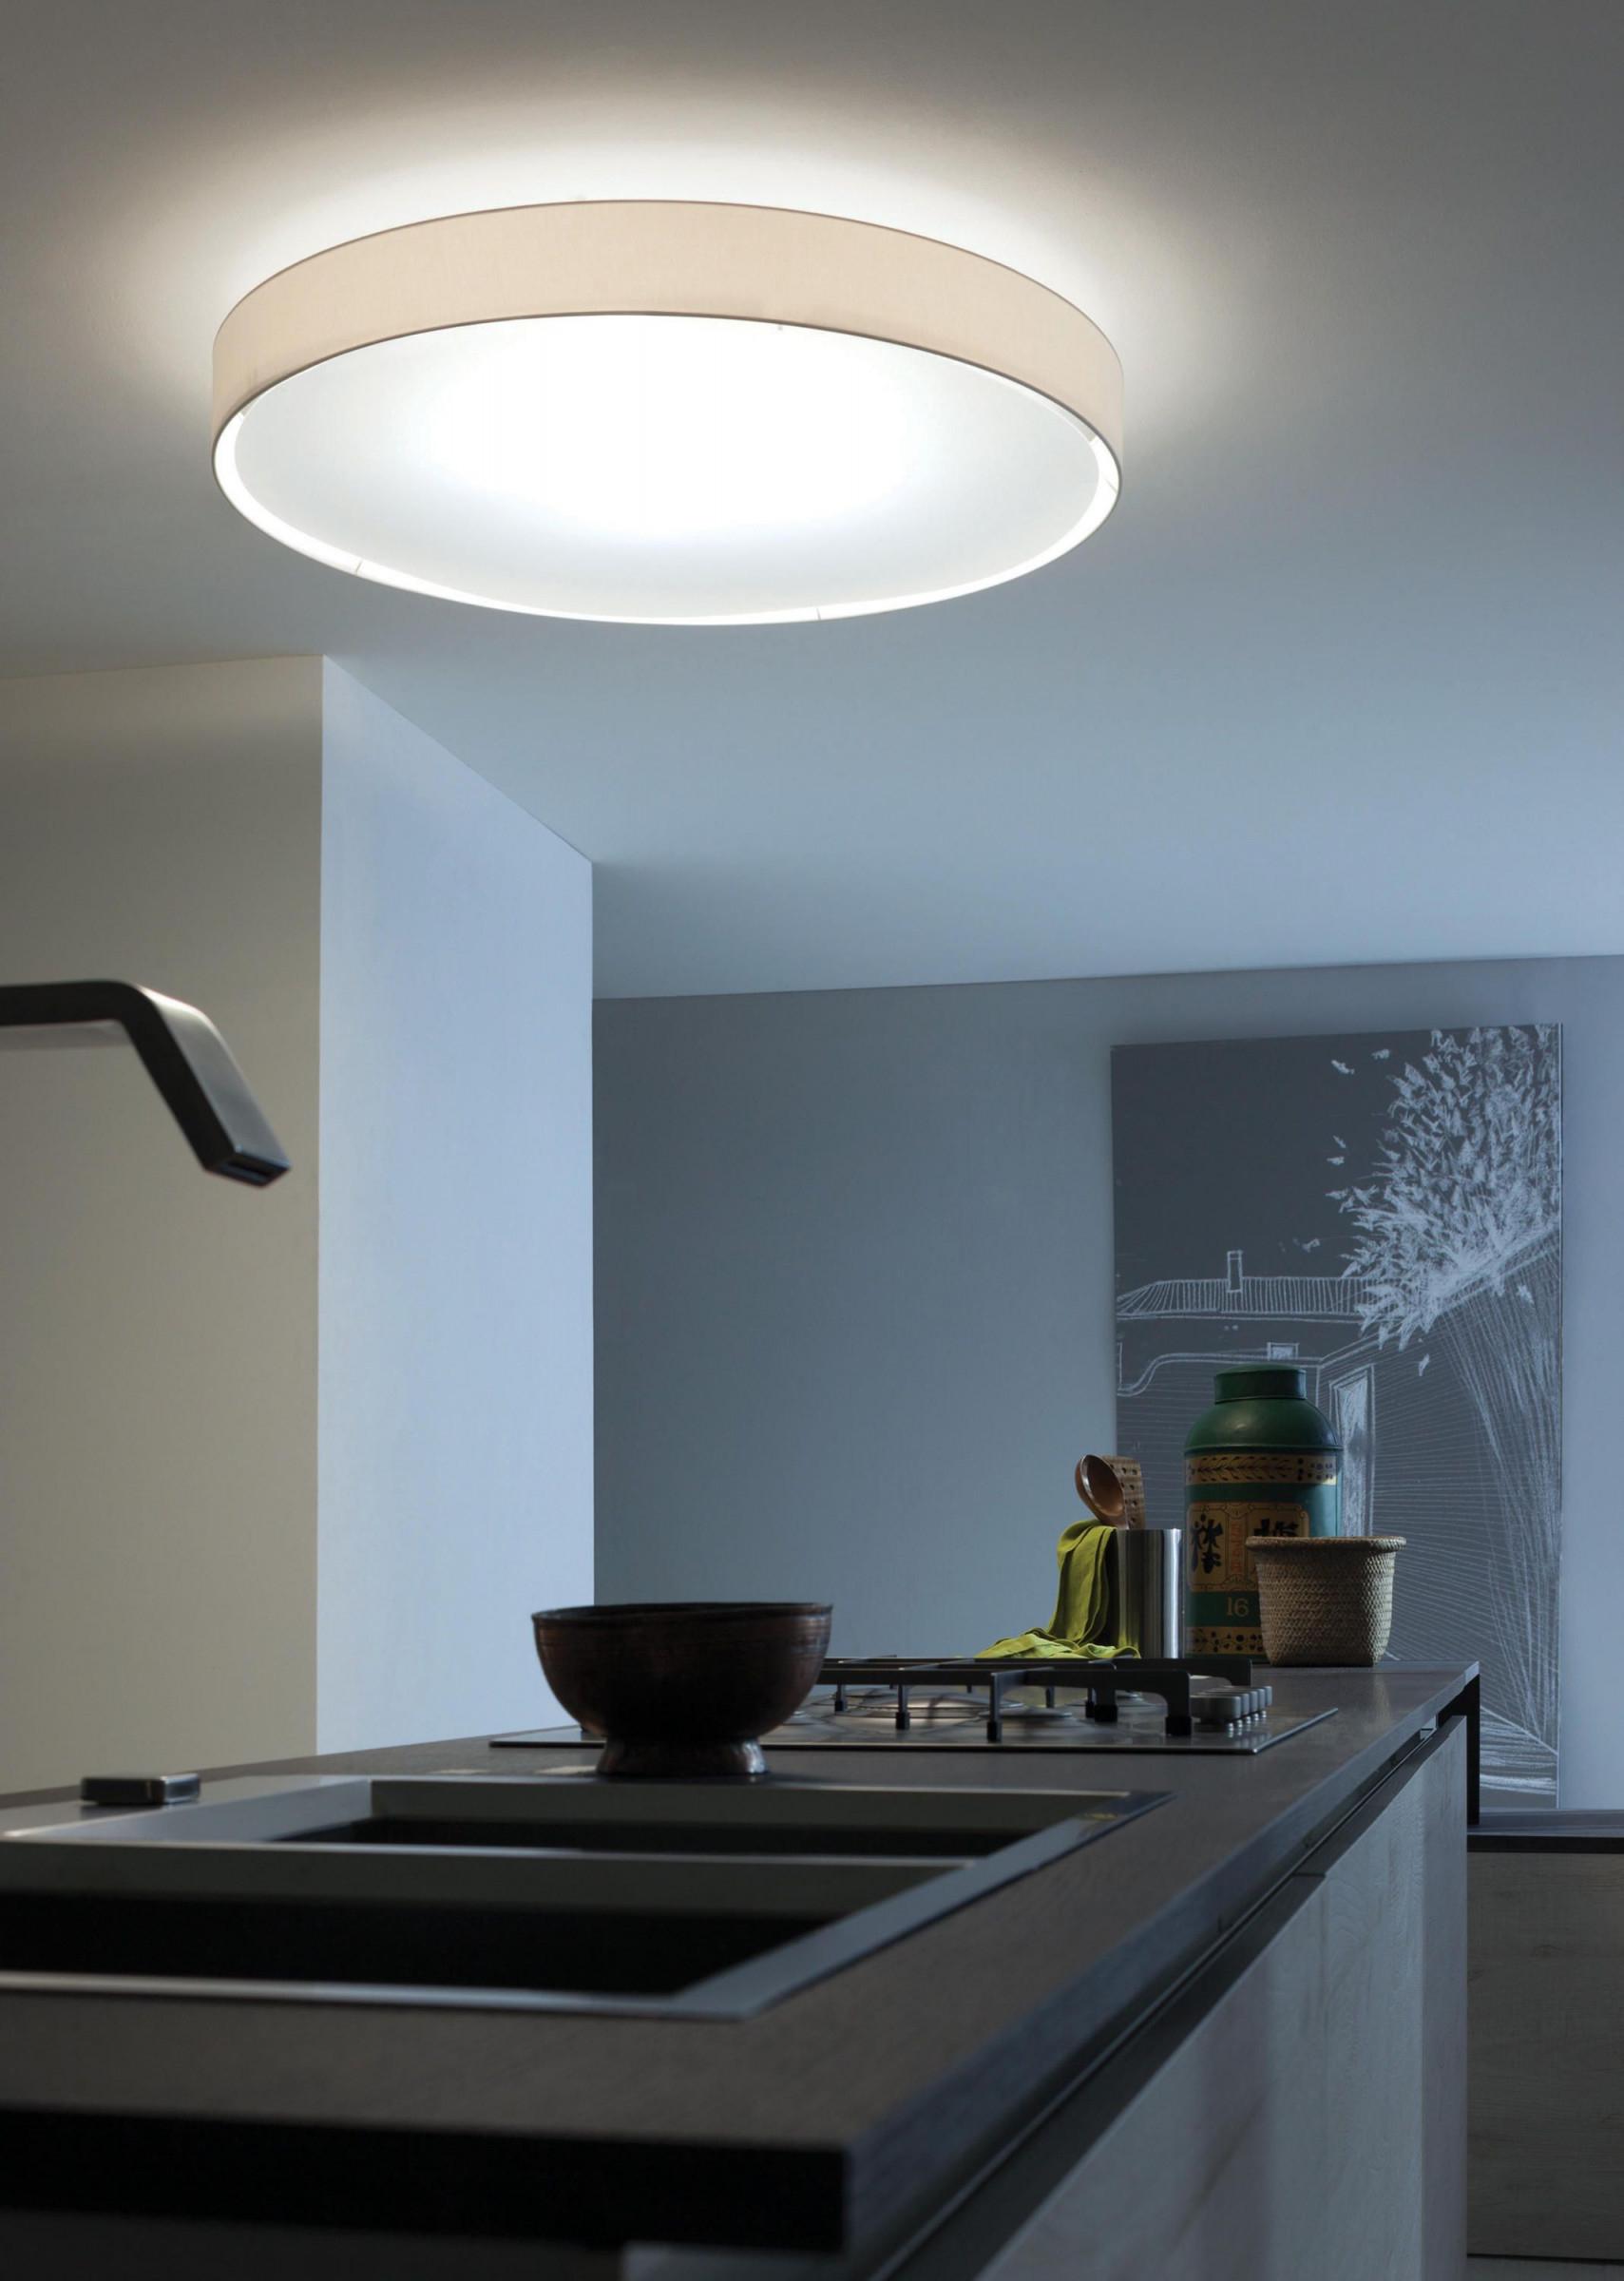 Mirya Deckenleuchte Von Lucente  Lampen Wohnzimmer von Helle Deckenleuchte Wohnzimmer Photo